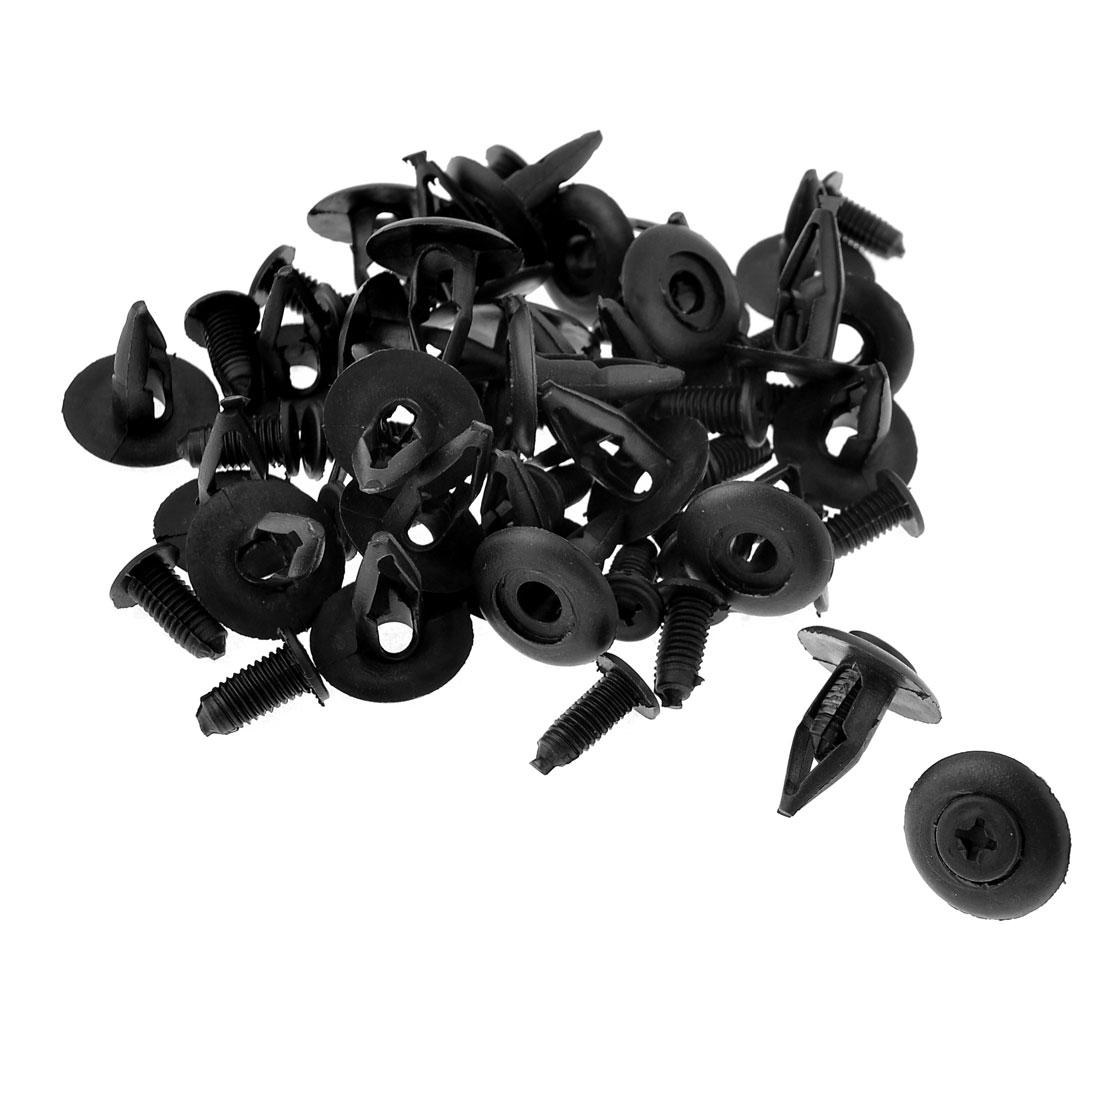 30pcs Black Plastic Rivets Door Trim Retainer Clip for Car Bumper Fender